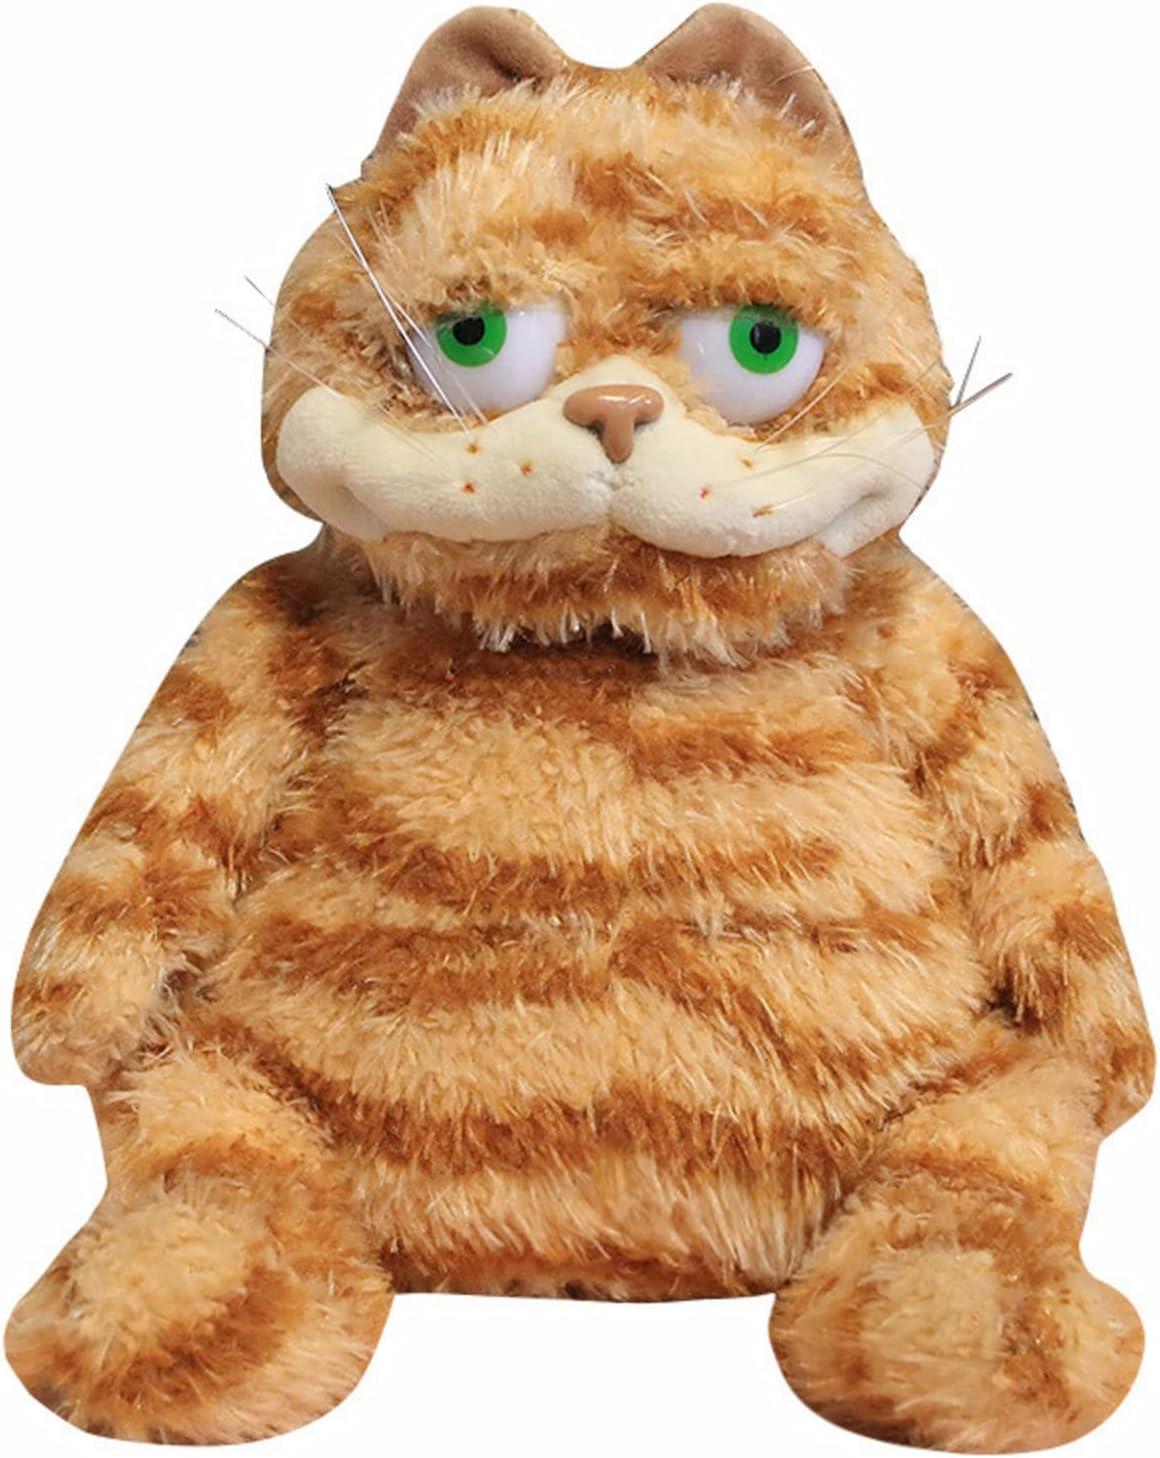 Lsdnlx Superior Plush Pillow Cute Max 41% OFF Toy Doll Garfie